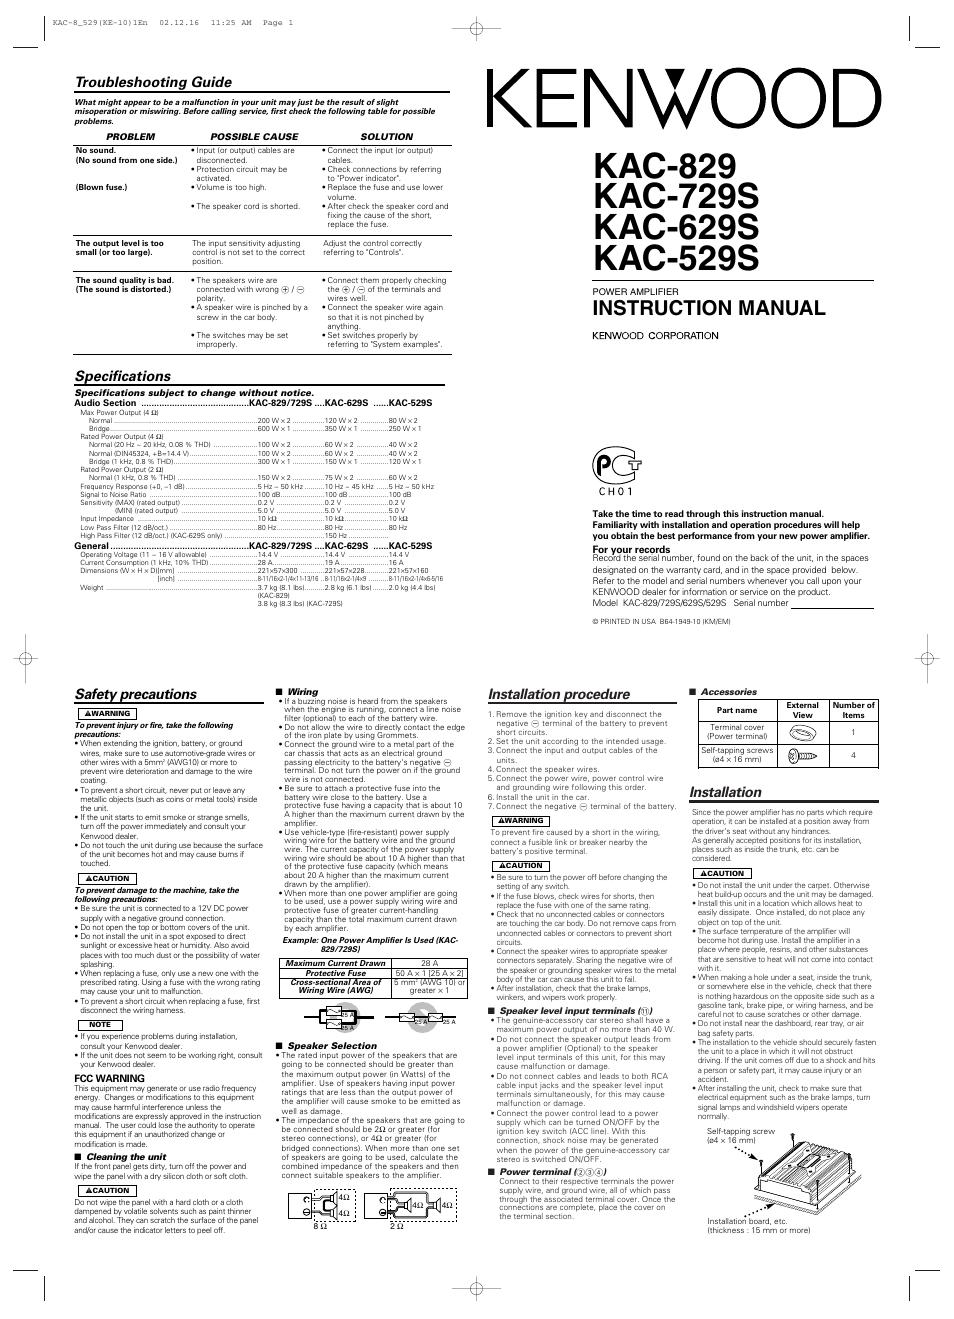 kenwood-kac-729s-page1 Car Speaker Wiring on